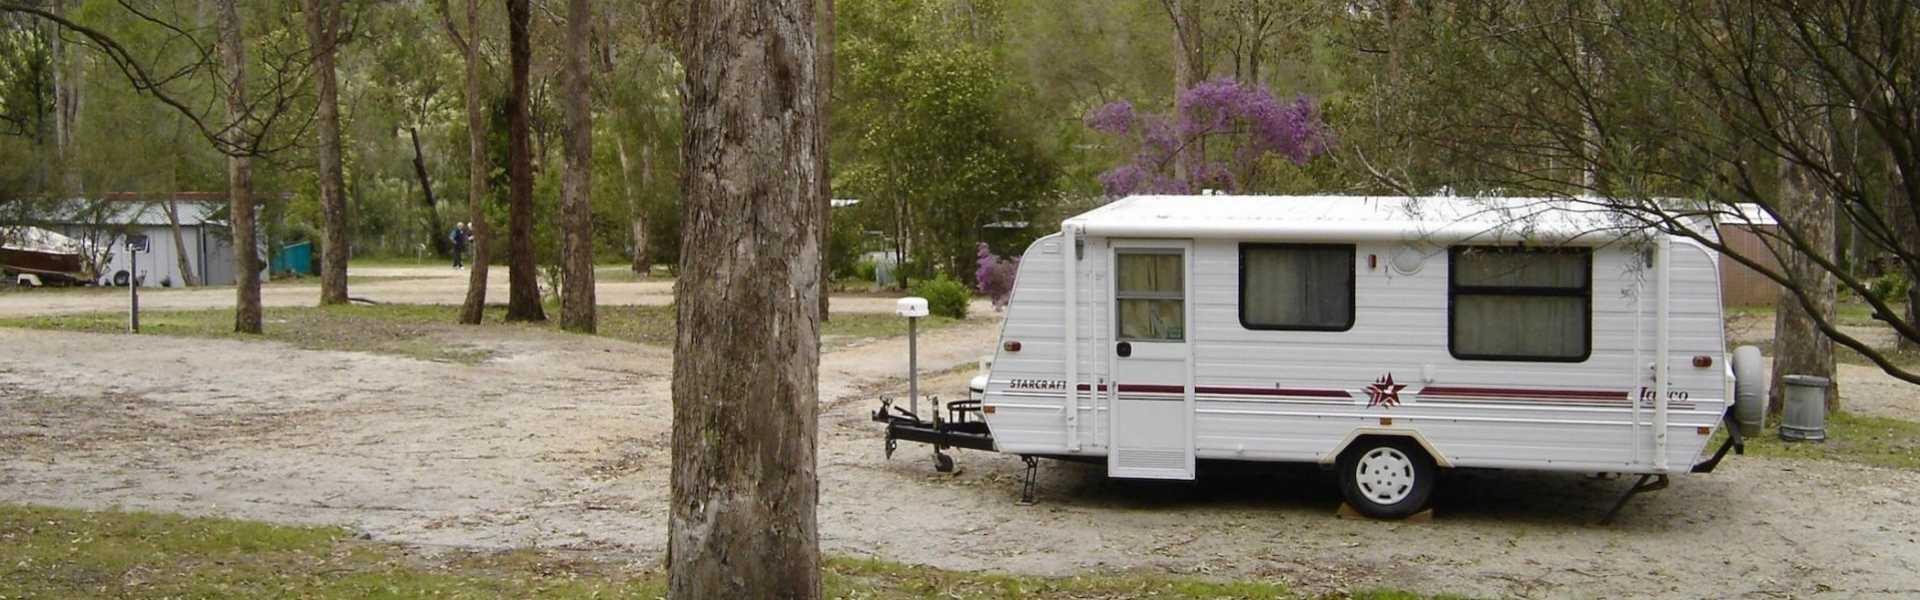 Kui Parks, Nicholson, Bushland Cabin & Caravan Park, Site